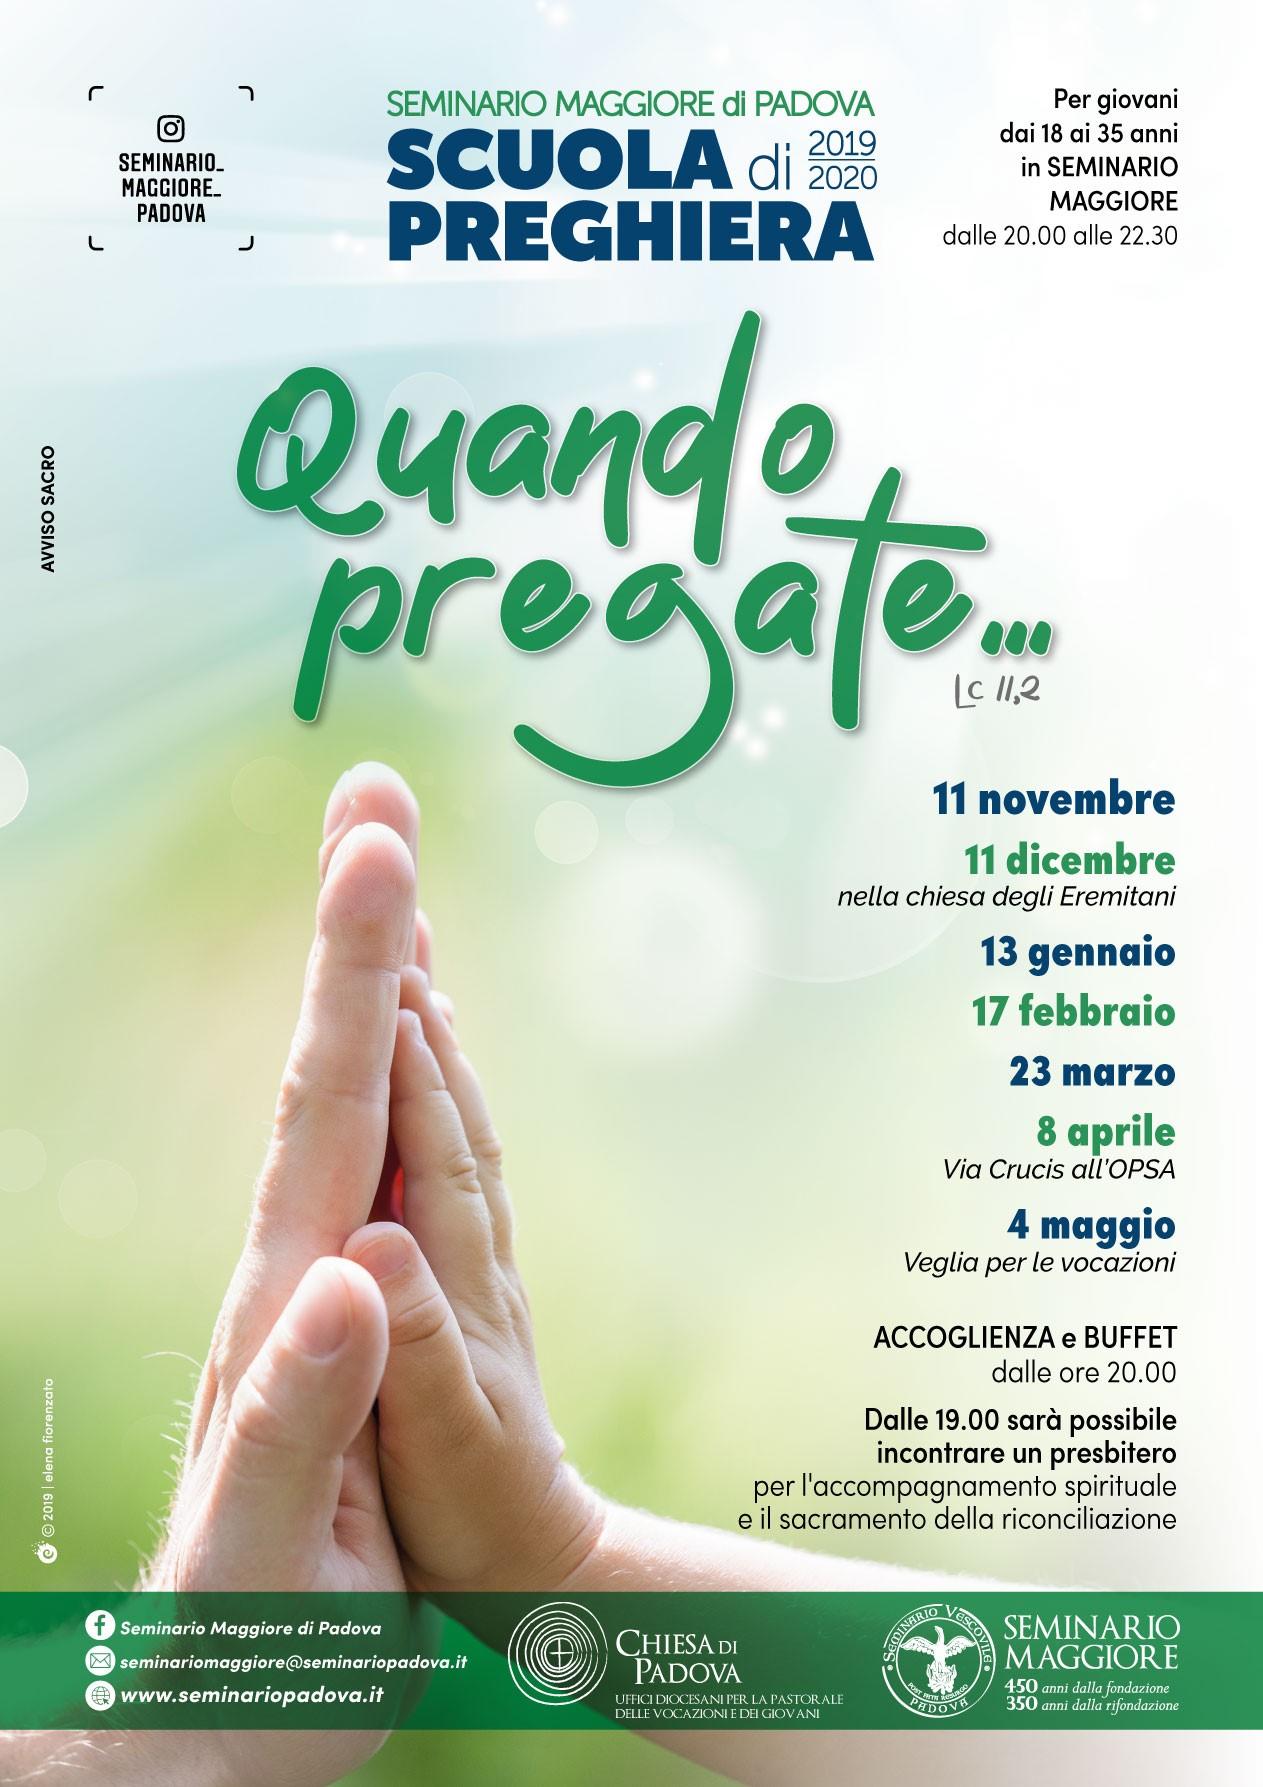 Manifesto Scuola di Preghiera del Seminario Maggiore 2019-2020